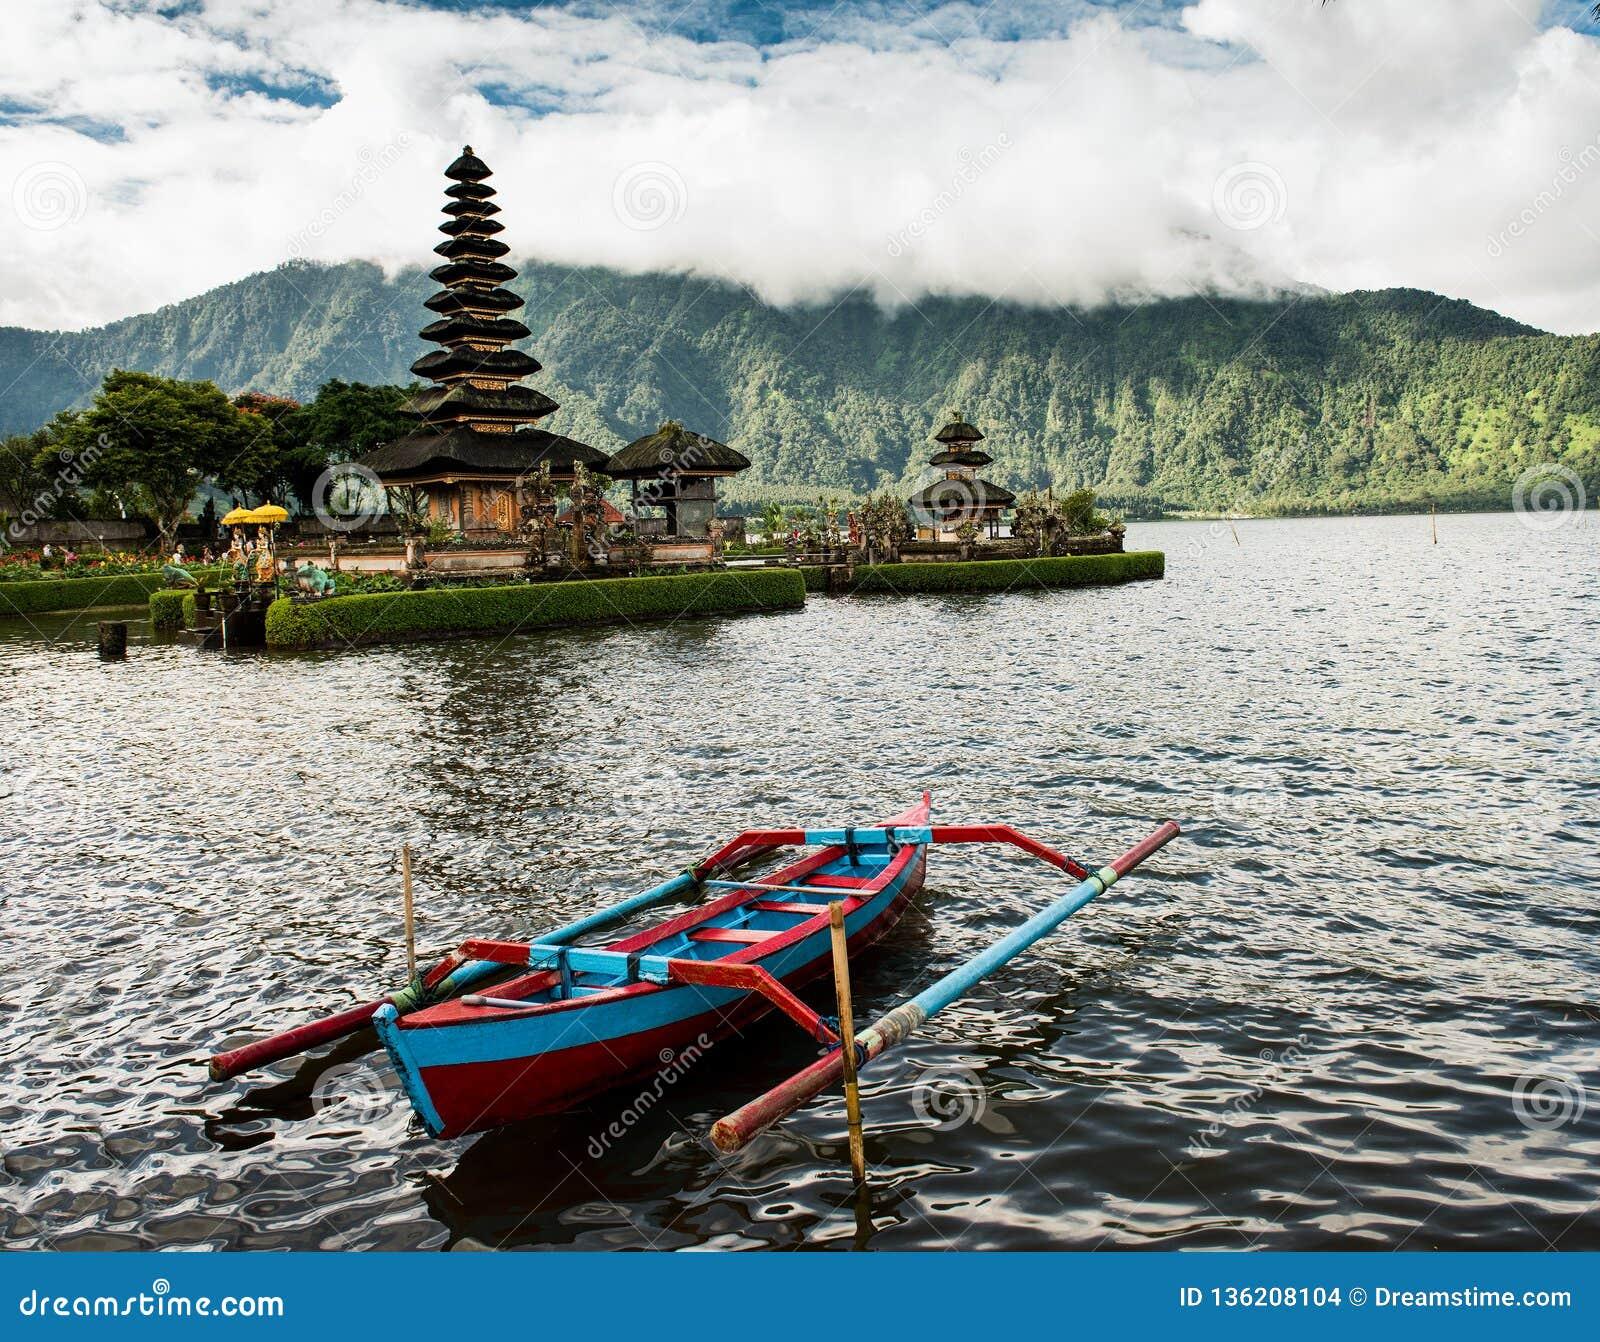 Ulun Danu Beratan, Bali Indonesia